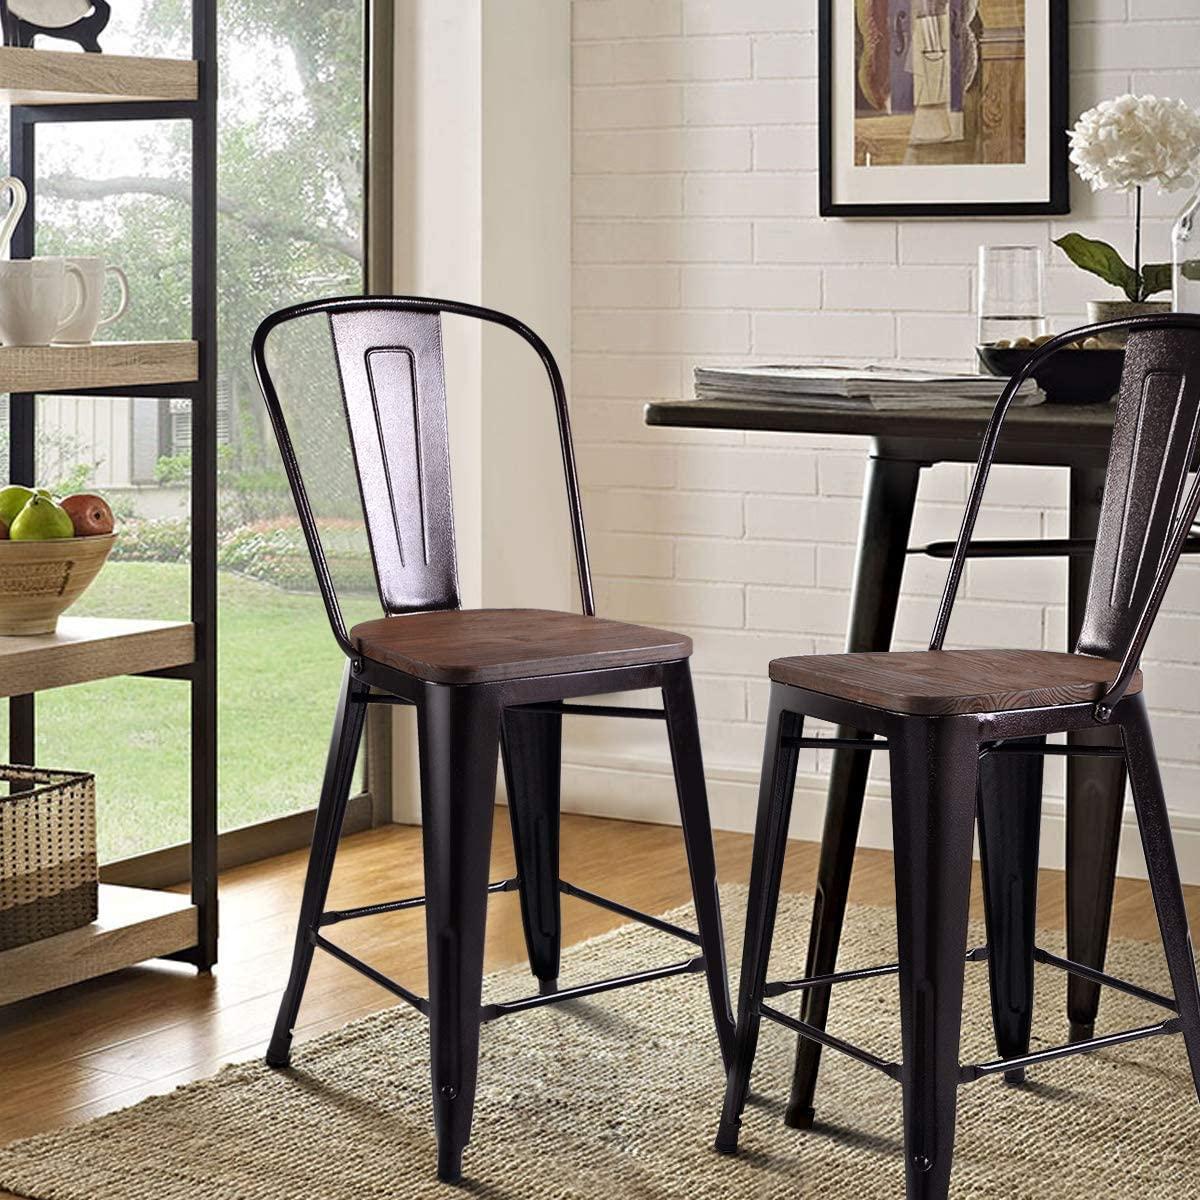 10 mẫu ghế ngồi nổi bật cho phòng ăn được tạp chí nội thất của Mỹ bình chọn, bạn hoàn toàn có thể mua ở Việt Nam với giá thành hợp lý - Ảnh 6.